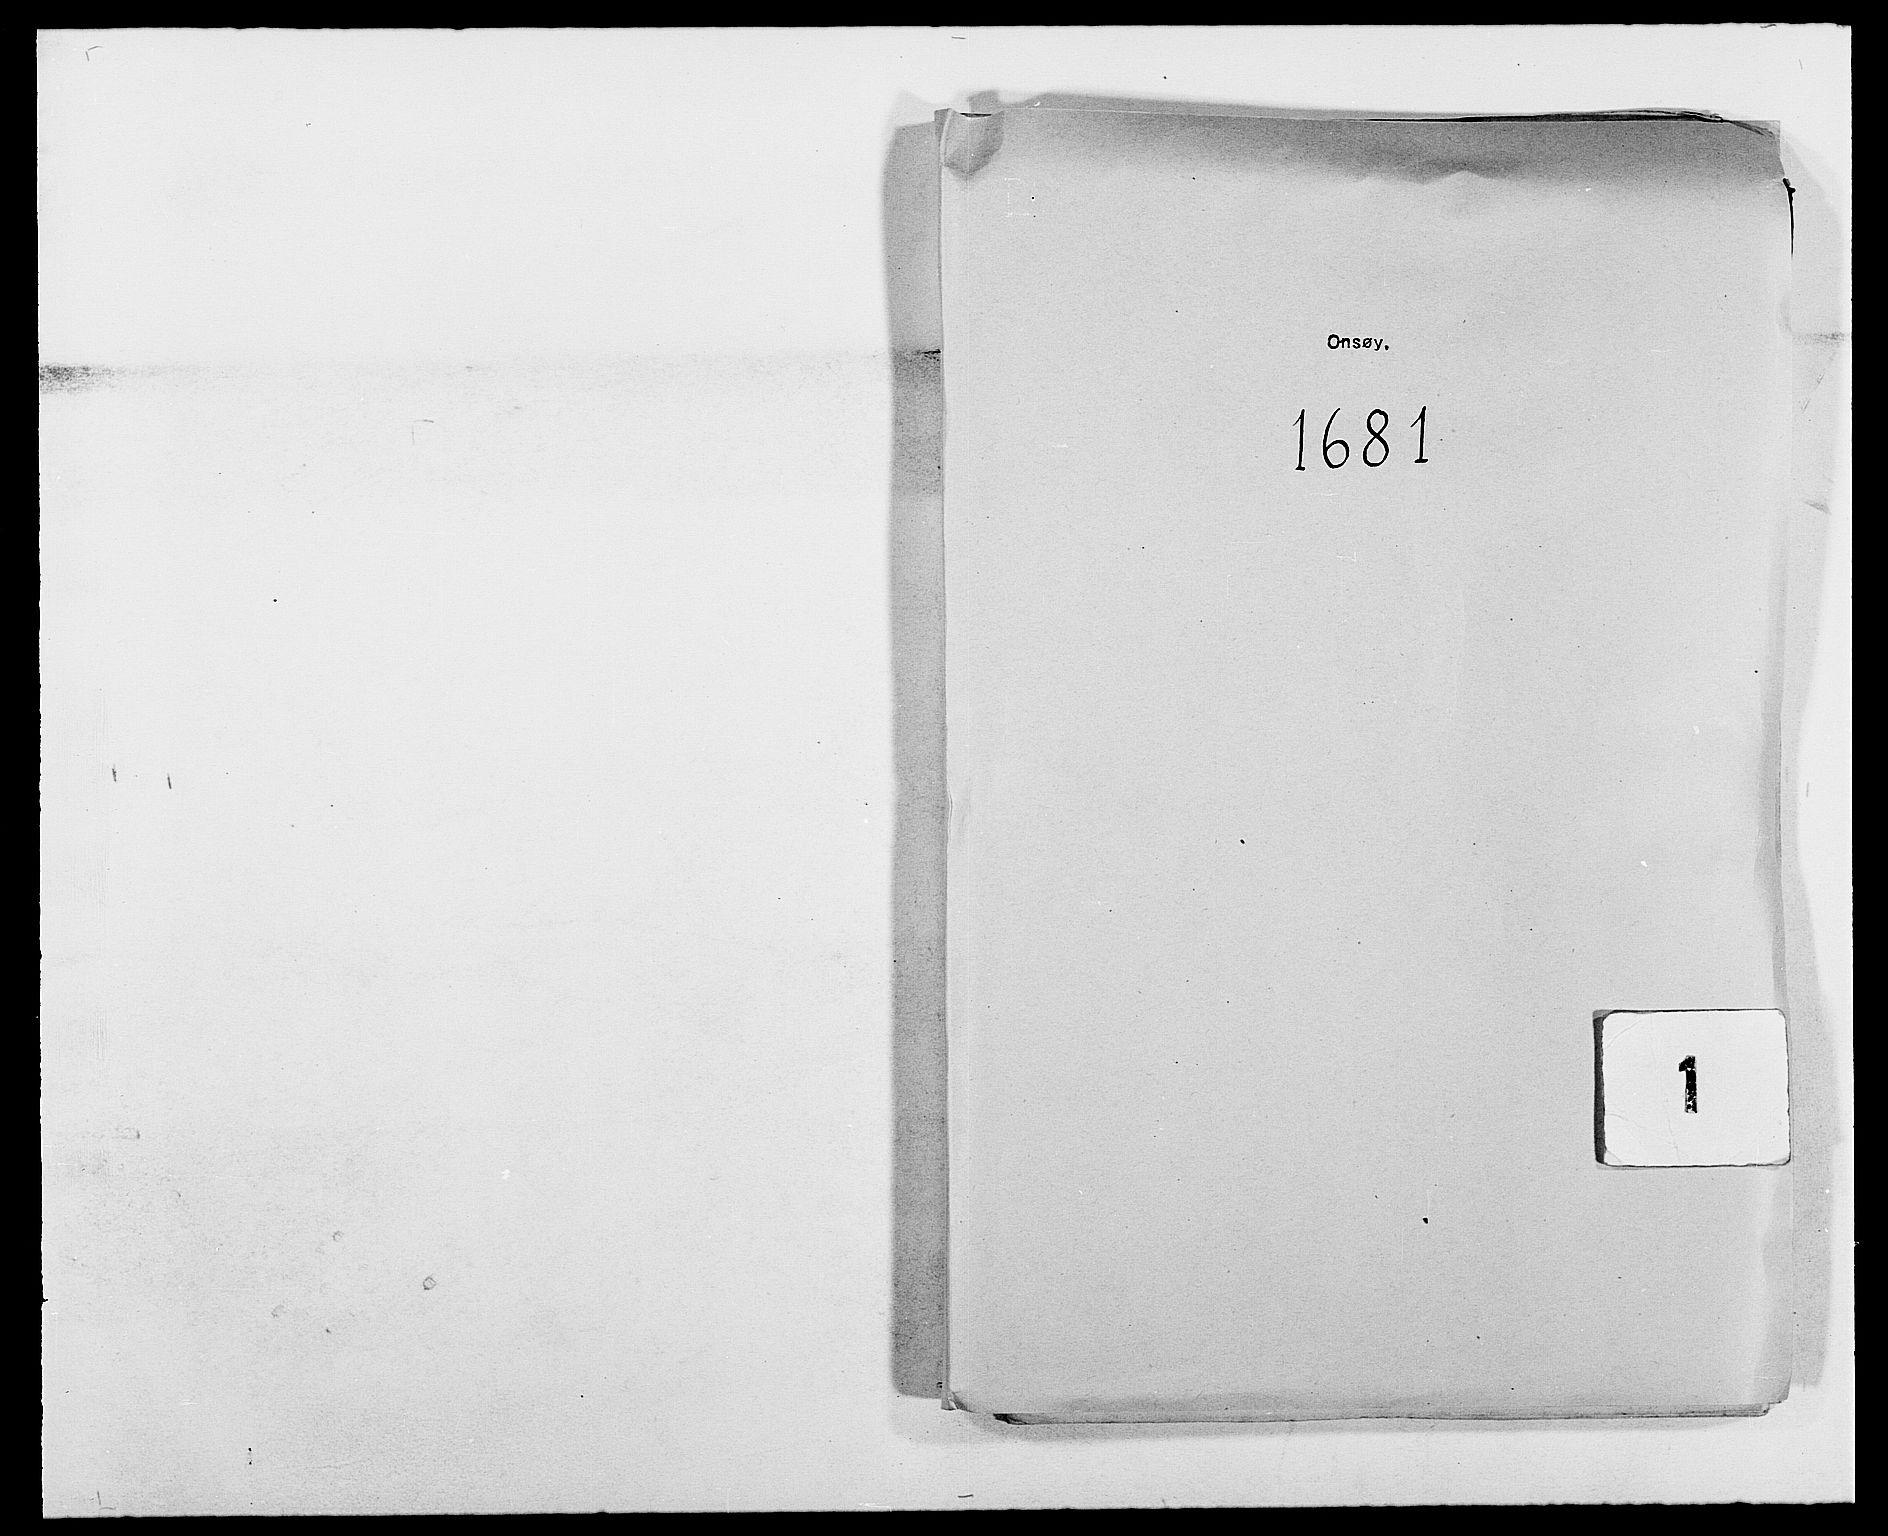 RA, Rentekammeret inntil 1814, Reviderte regnskaper, Fogderegnskap, R03/L0112: Fogderegnskap Onsøy, Tune, Veme og Åbygge fogderi, 1681-1683, s. 1